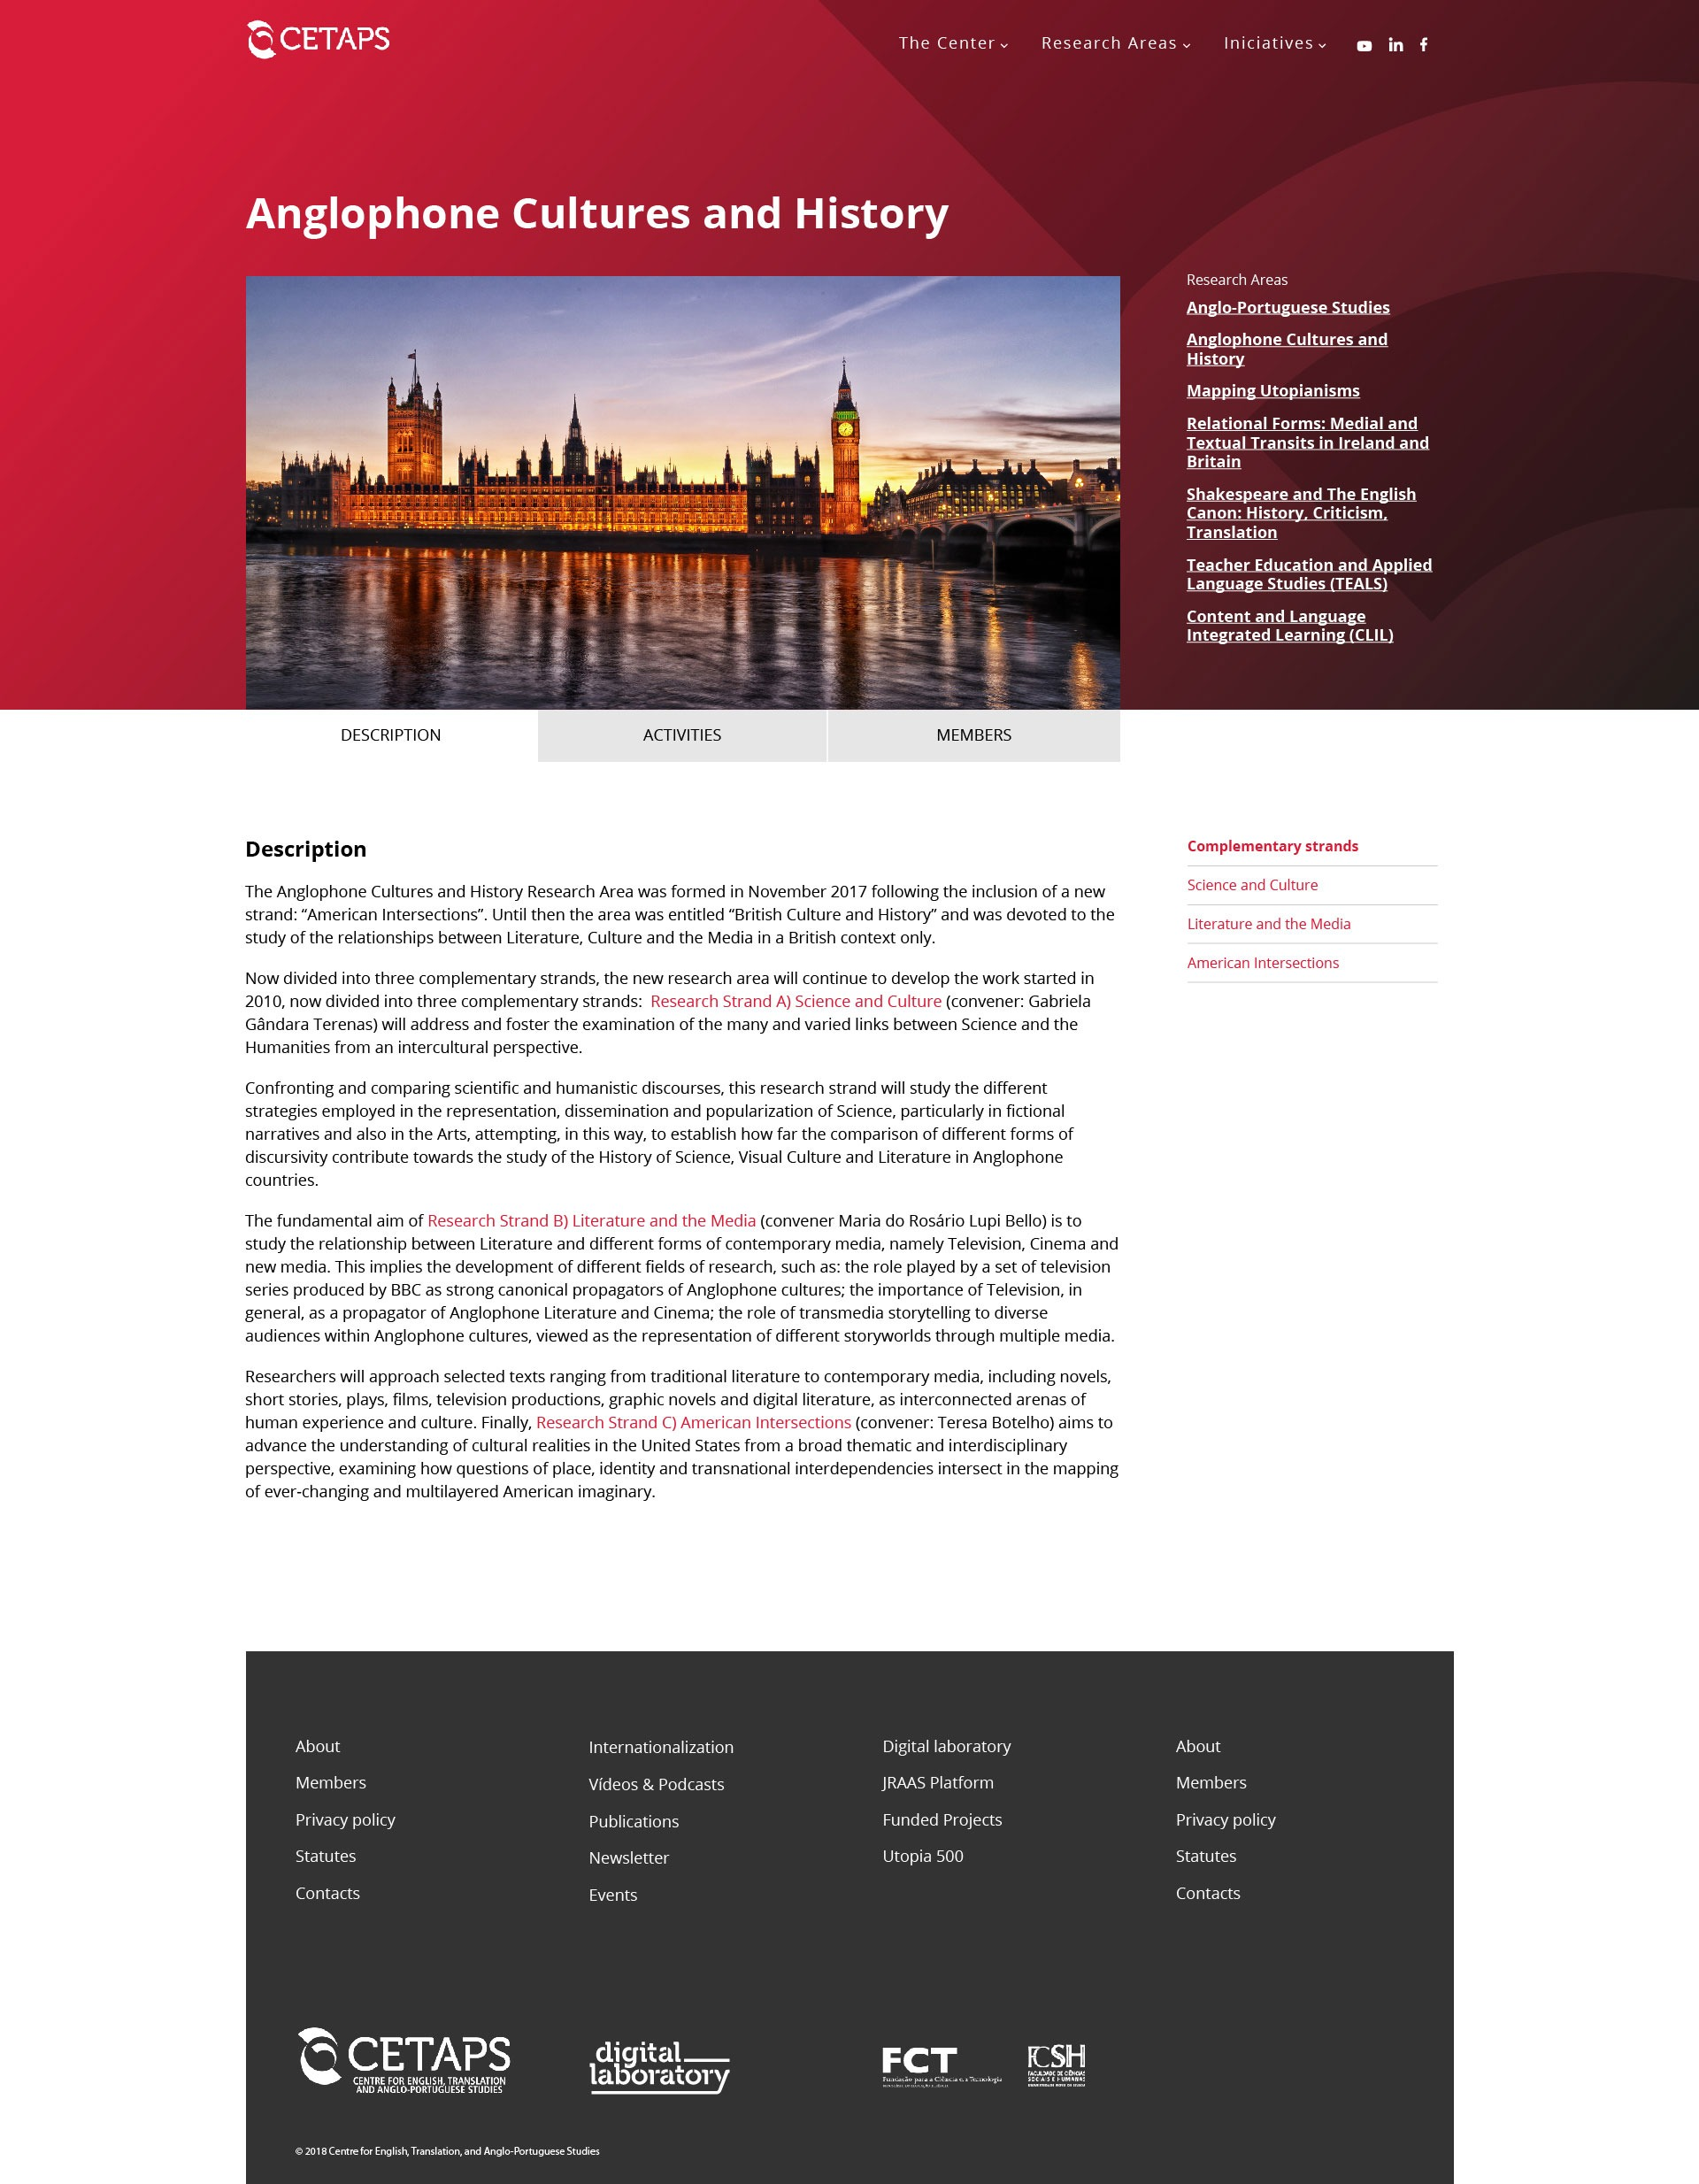 Multisite em wordpress e SEO para a CETAPS